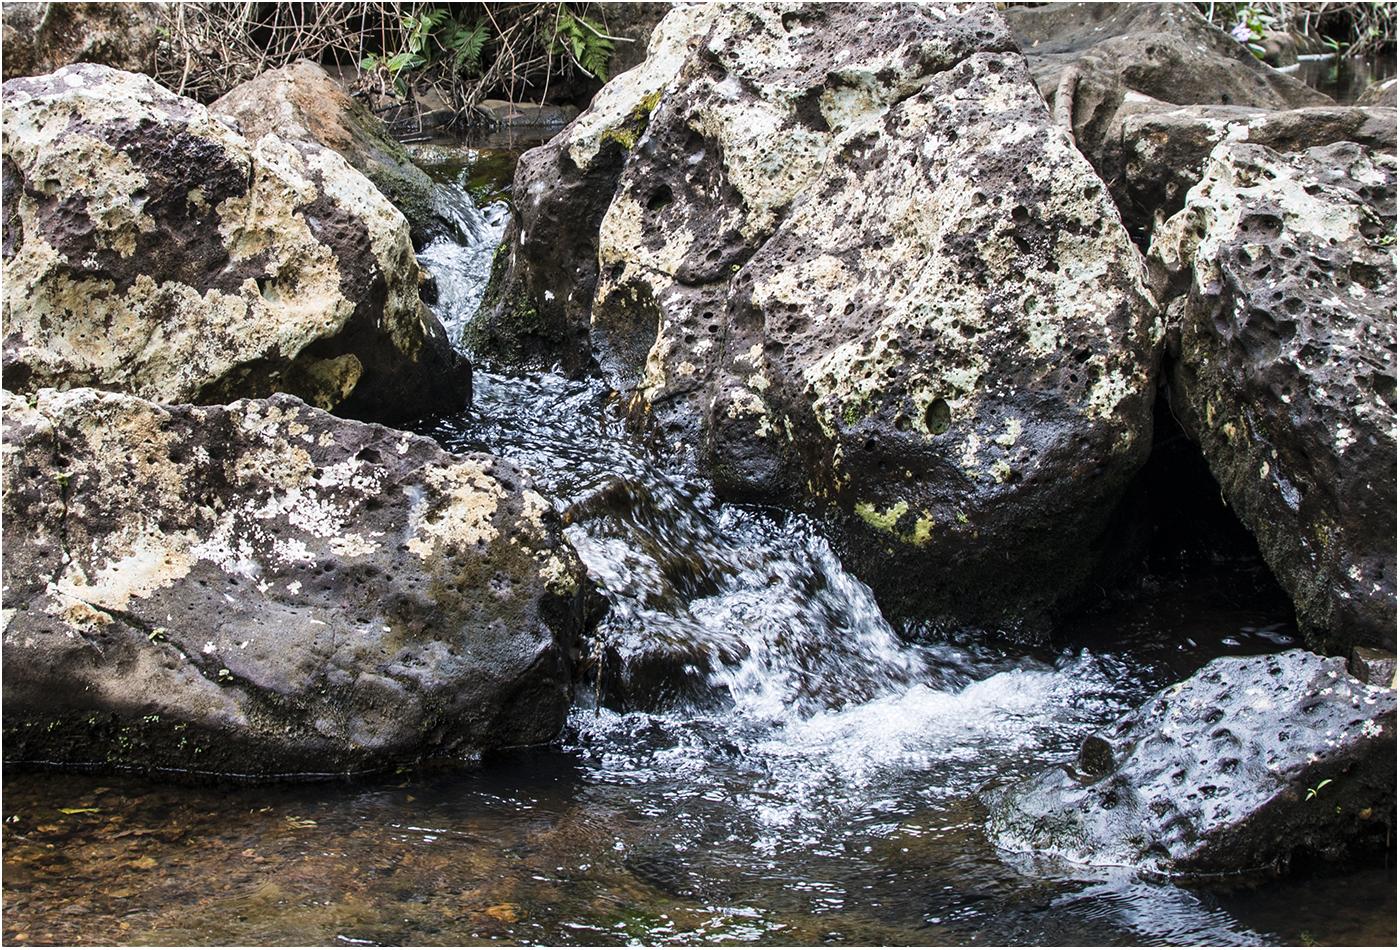 Вода замерзла и глазу это не очень приятно (f5, 1/125 сек)